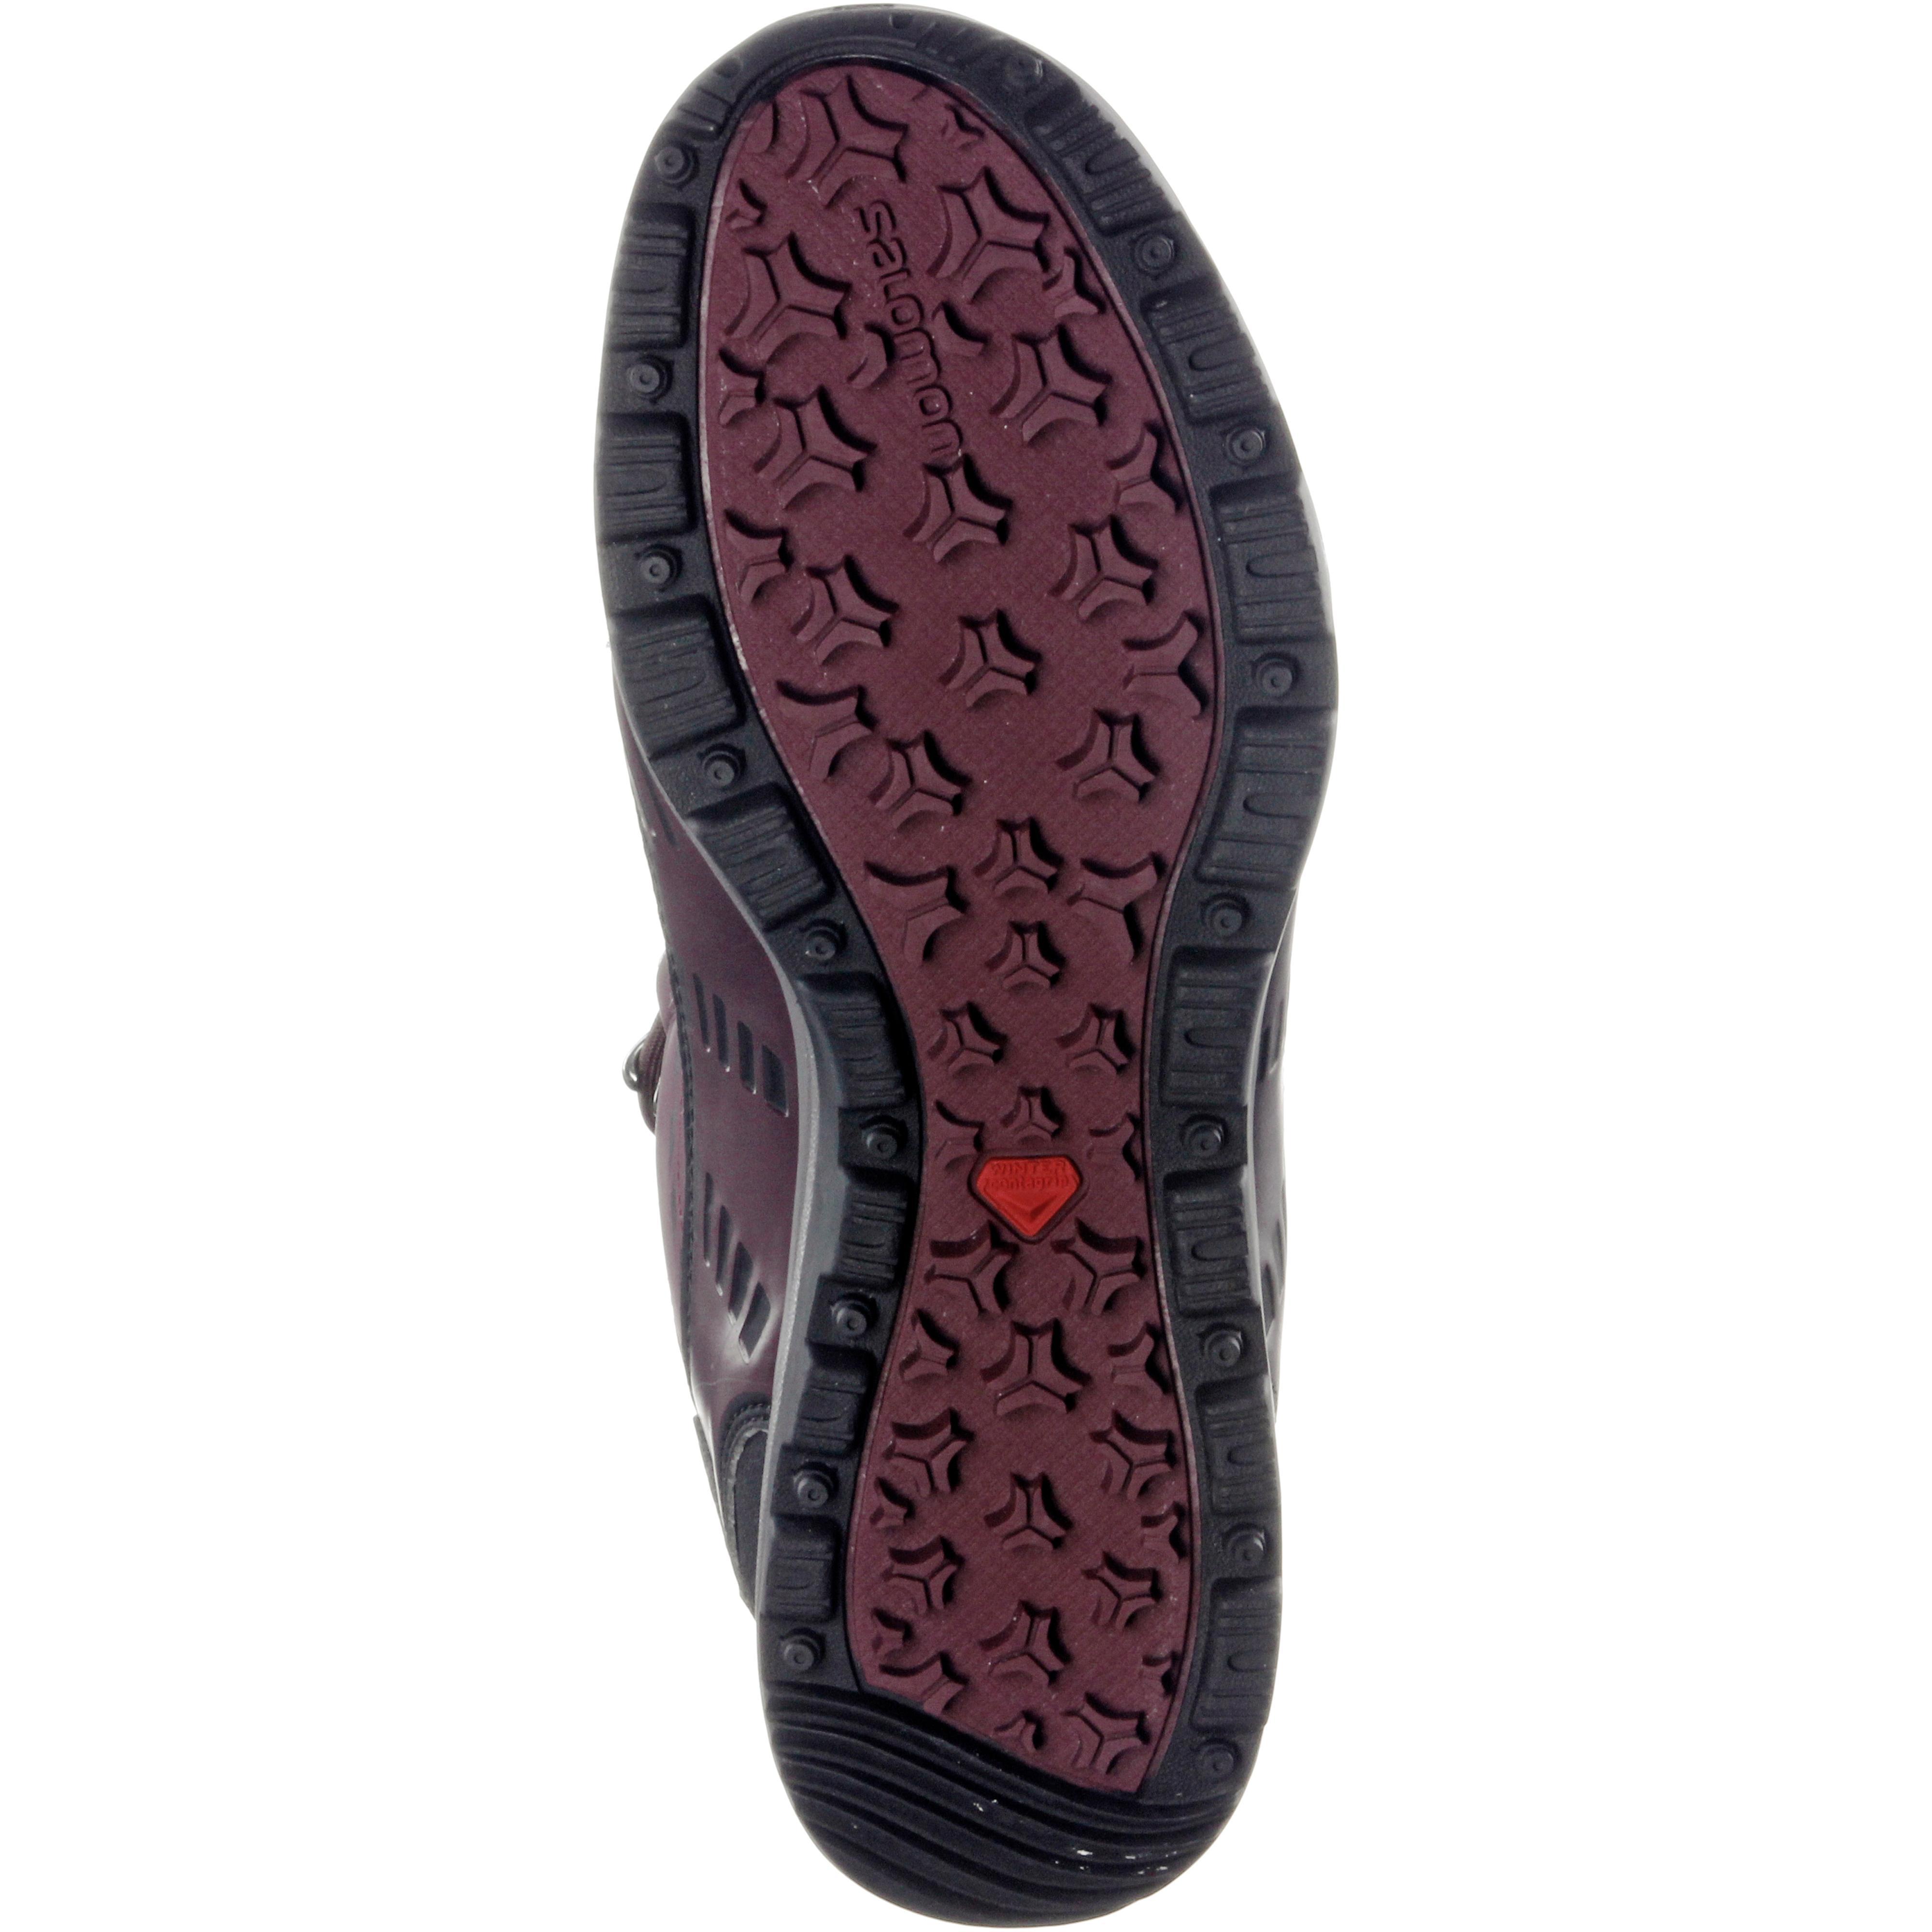 Salomon Kaina CS CS CS WP 2 Winterschuhe Damen bordeaux im Online Shop von SportScheck kaufen Gute Qualität beliebte Schuhe 22bcad